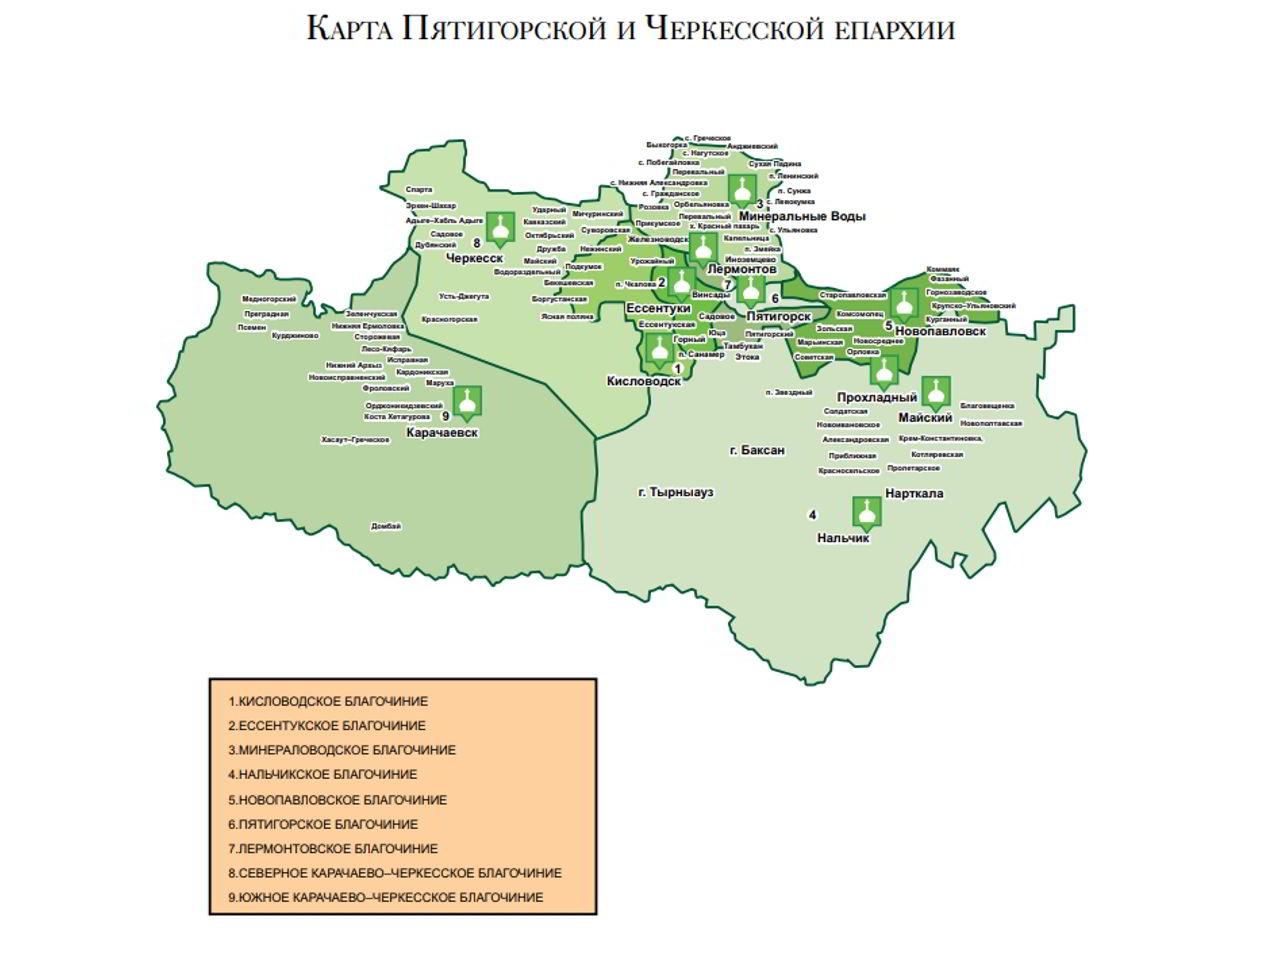 Пятигорская и Черкесская епархия